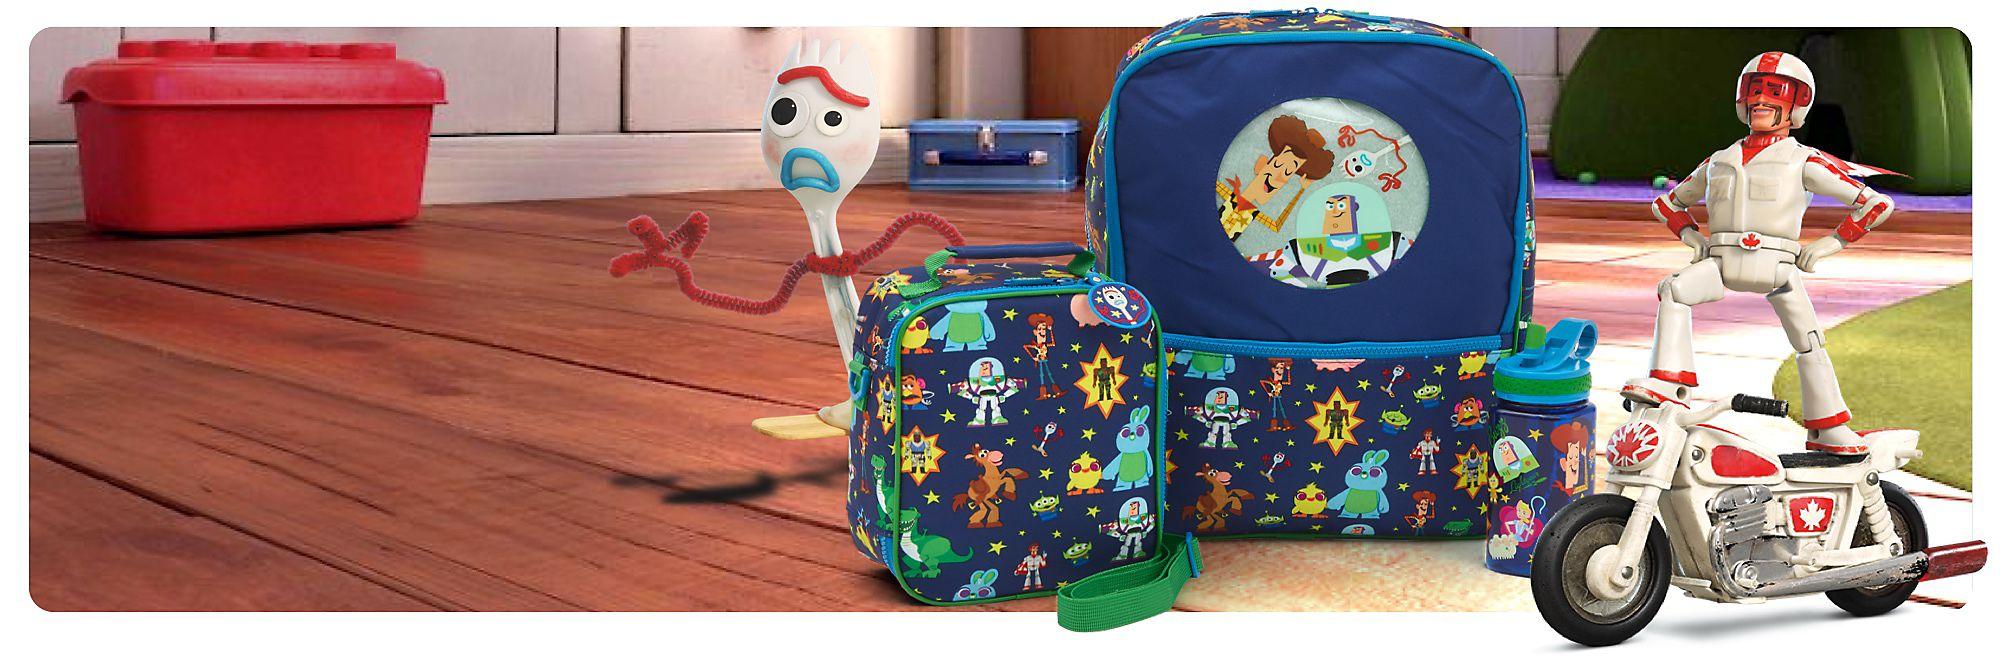 Ritorno a scuola Abbiamo tutti gli accessori indispensabili per gli studenti modello ACQUISTA ORA